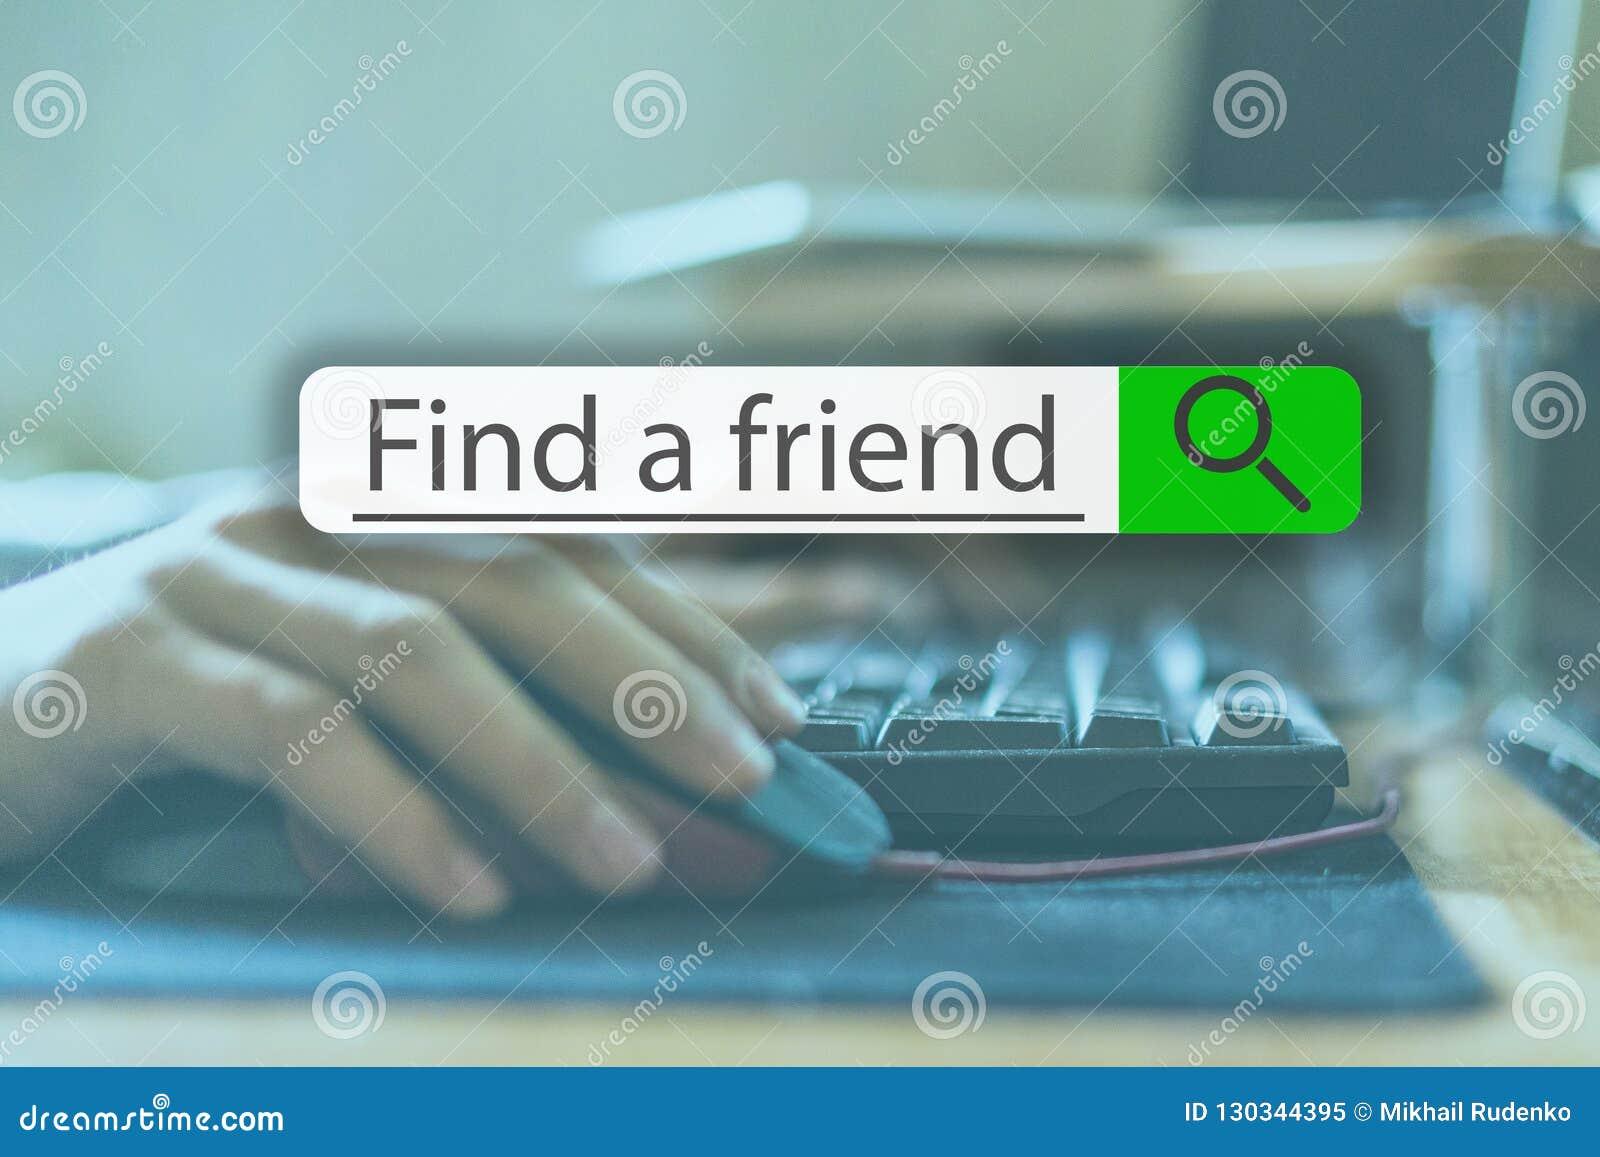 Ψάχνοντας την ετικέττα πάνω από την εικόνα έννοιας με τη λέξη βρείτε έναν φίλο β